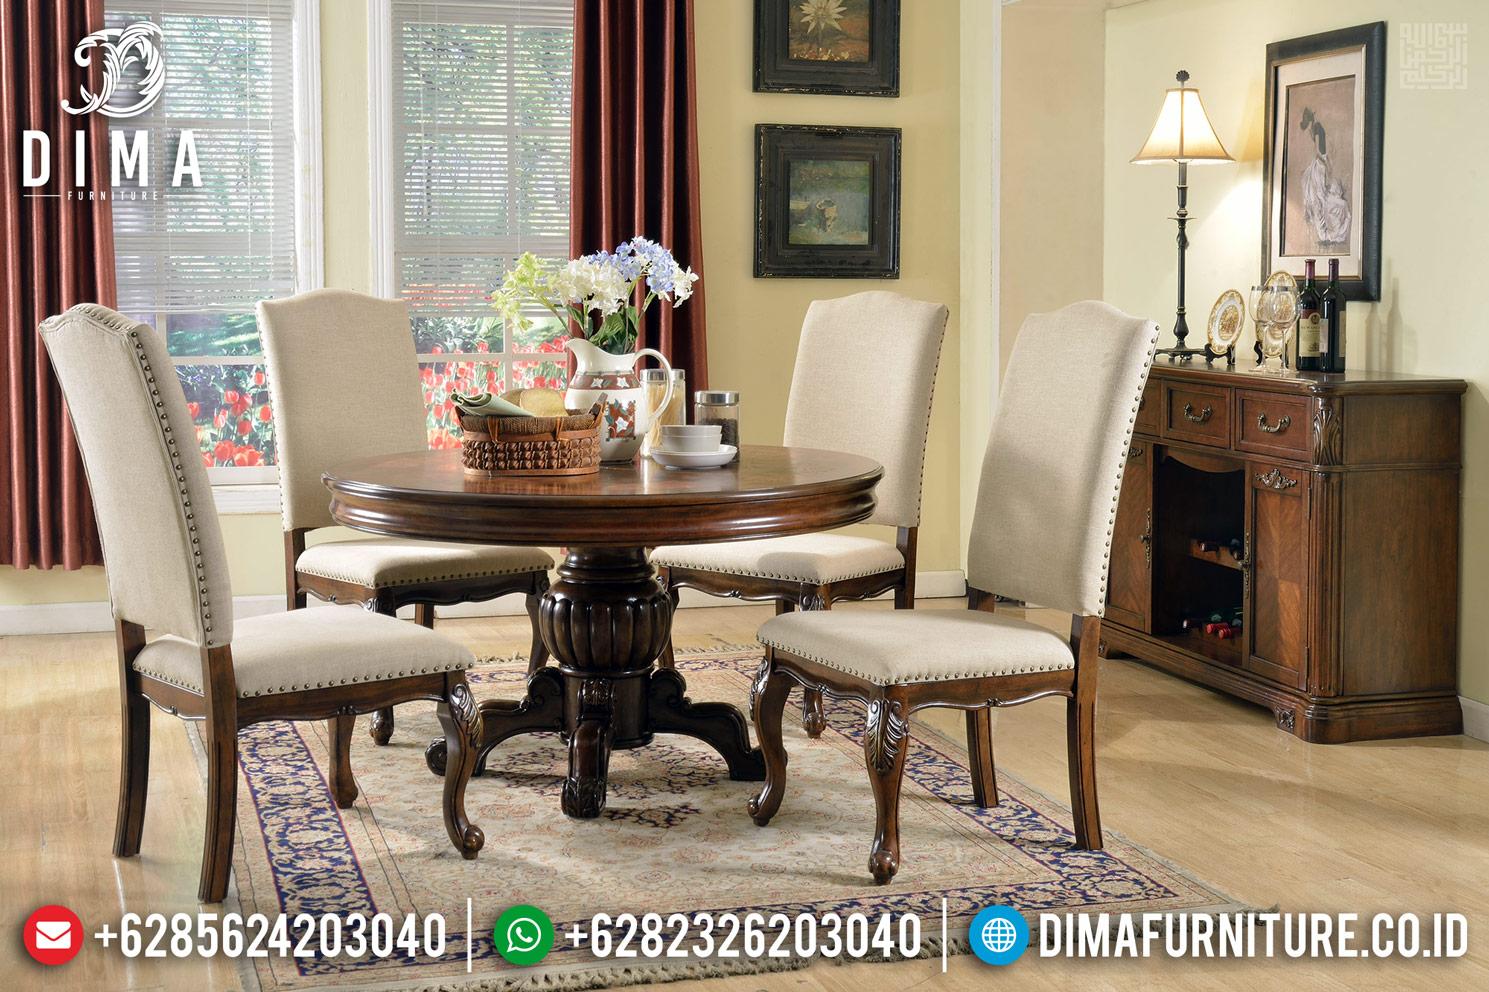 Meja Makan Bundar Jati Natural Brown Salak New Design 2020 MMJ-0381